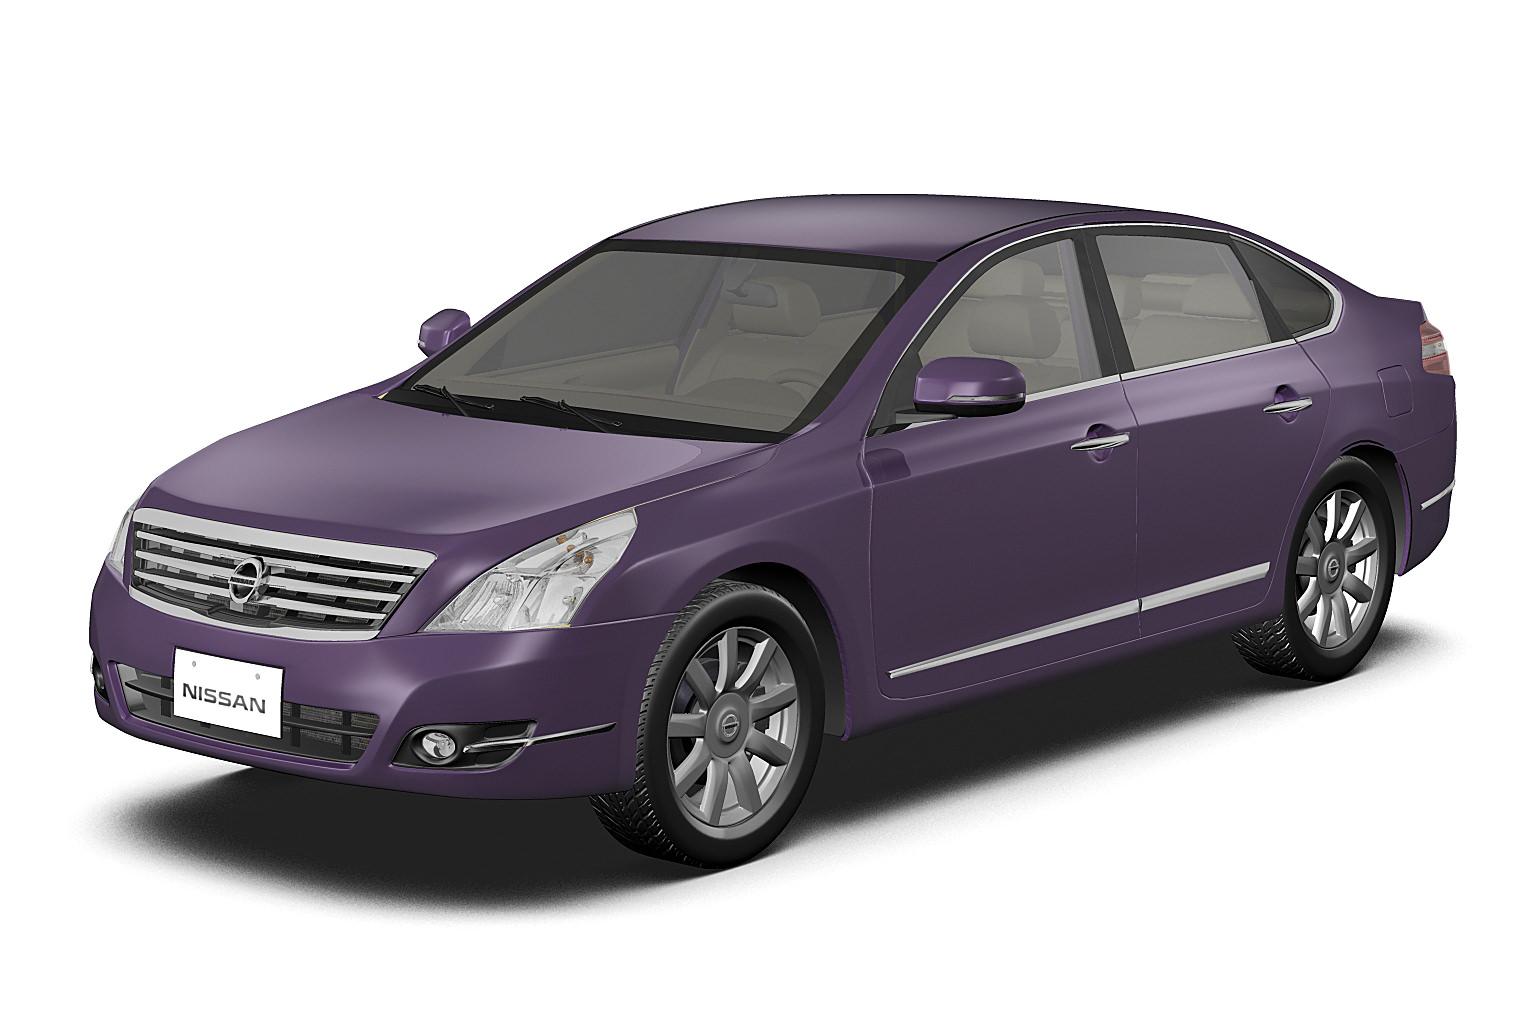 2009 Nissan Teana 3D Model MAX OBJ 3DS FBX C4D LWO LW LWS